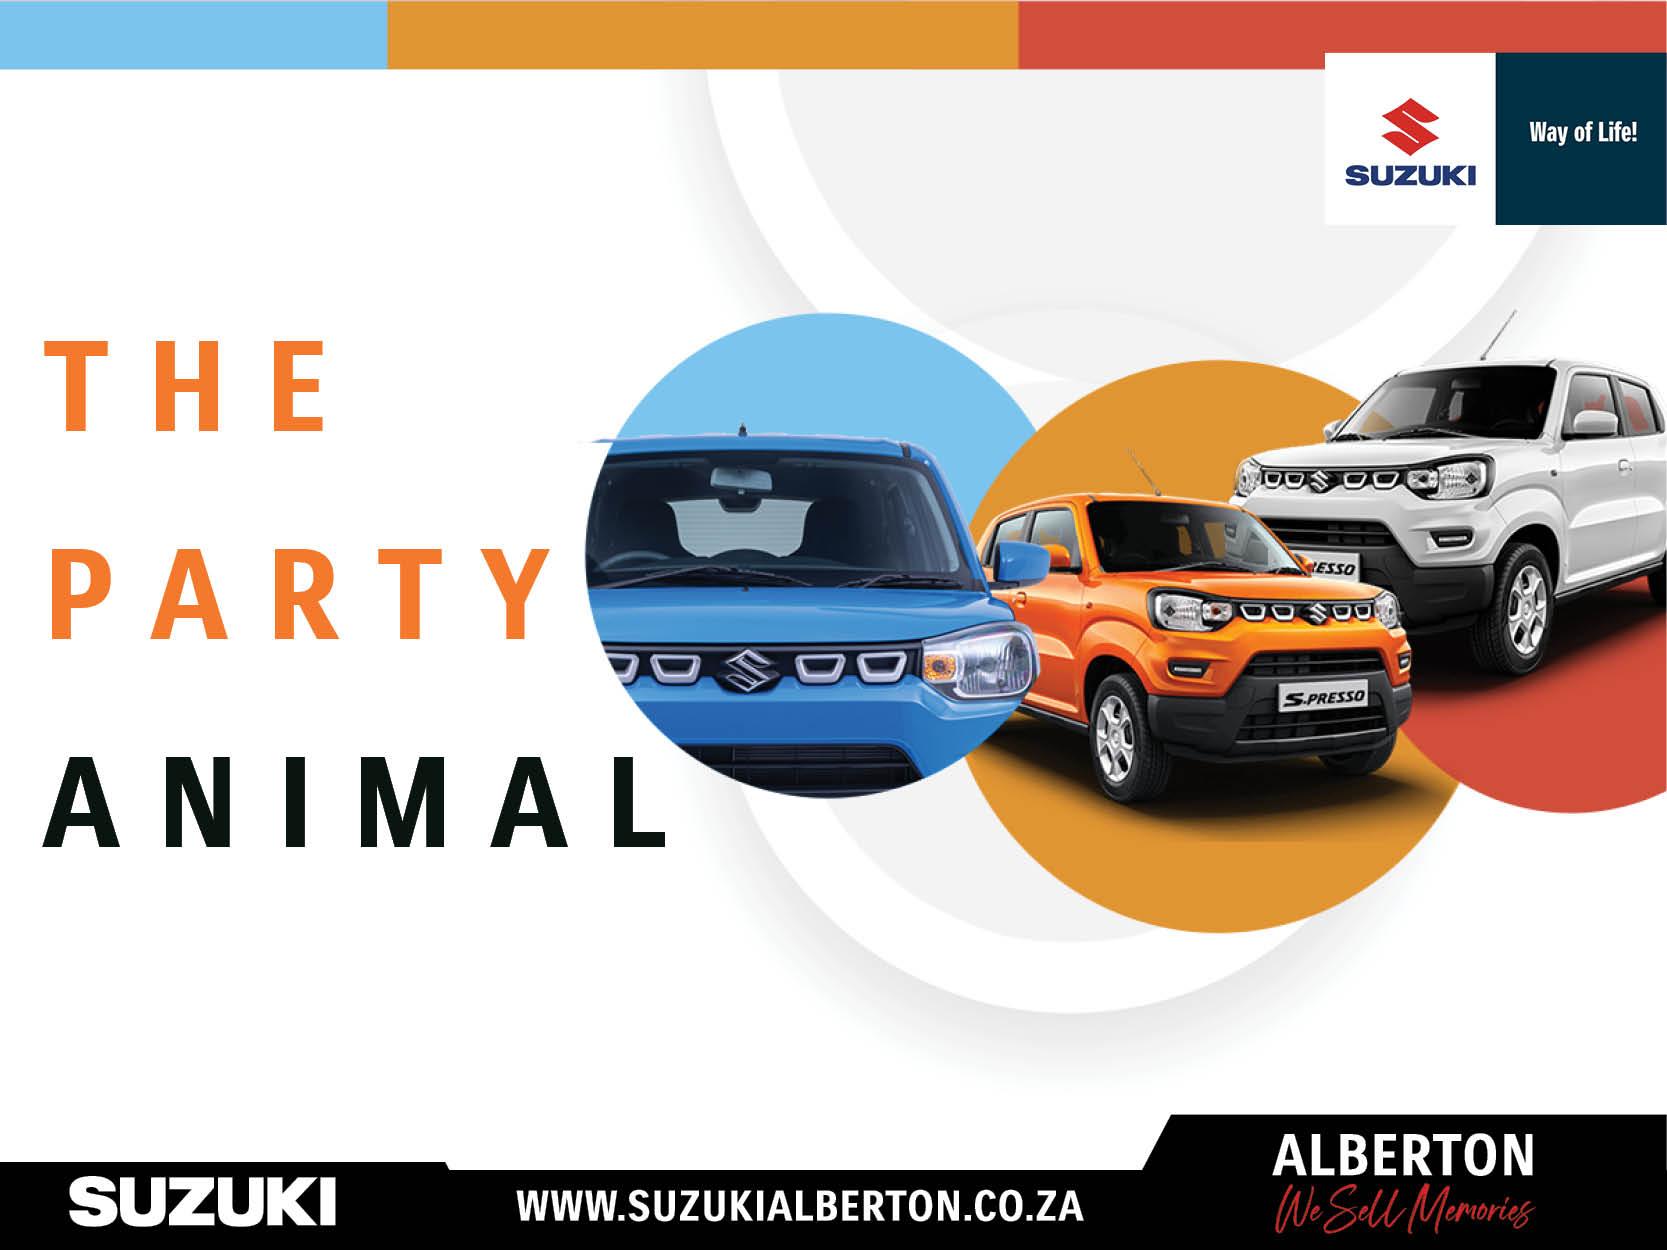 Suzuki Alberton - S-Presso 3